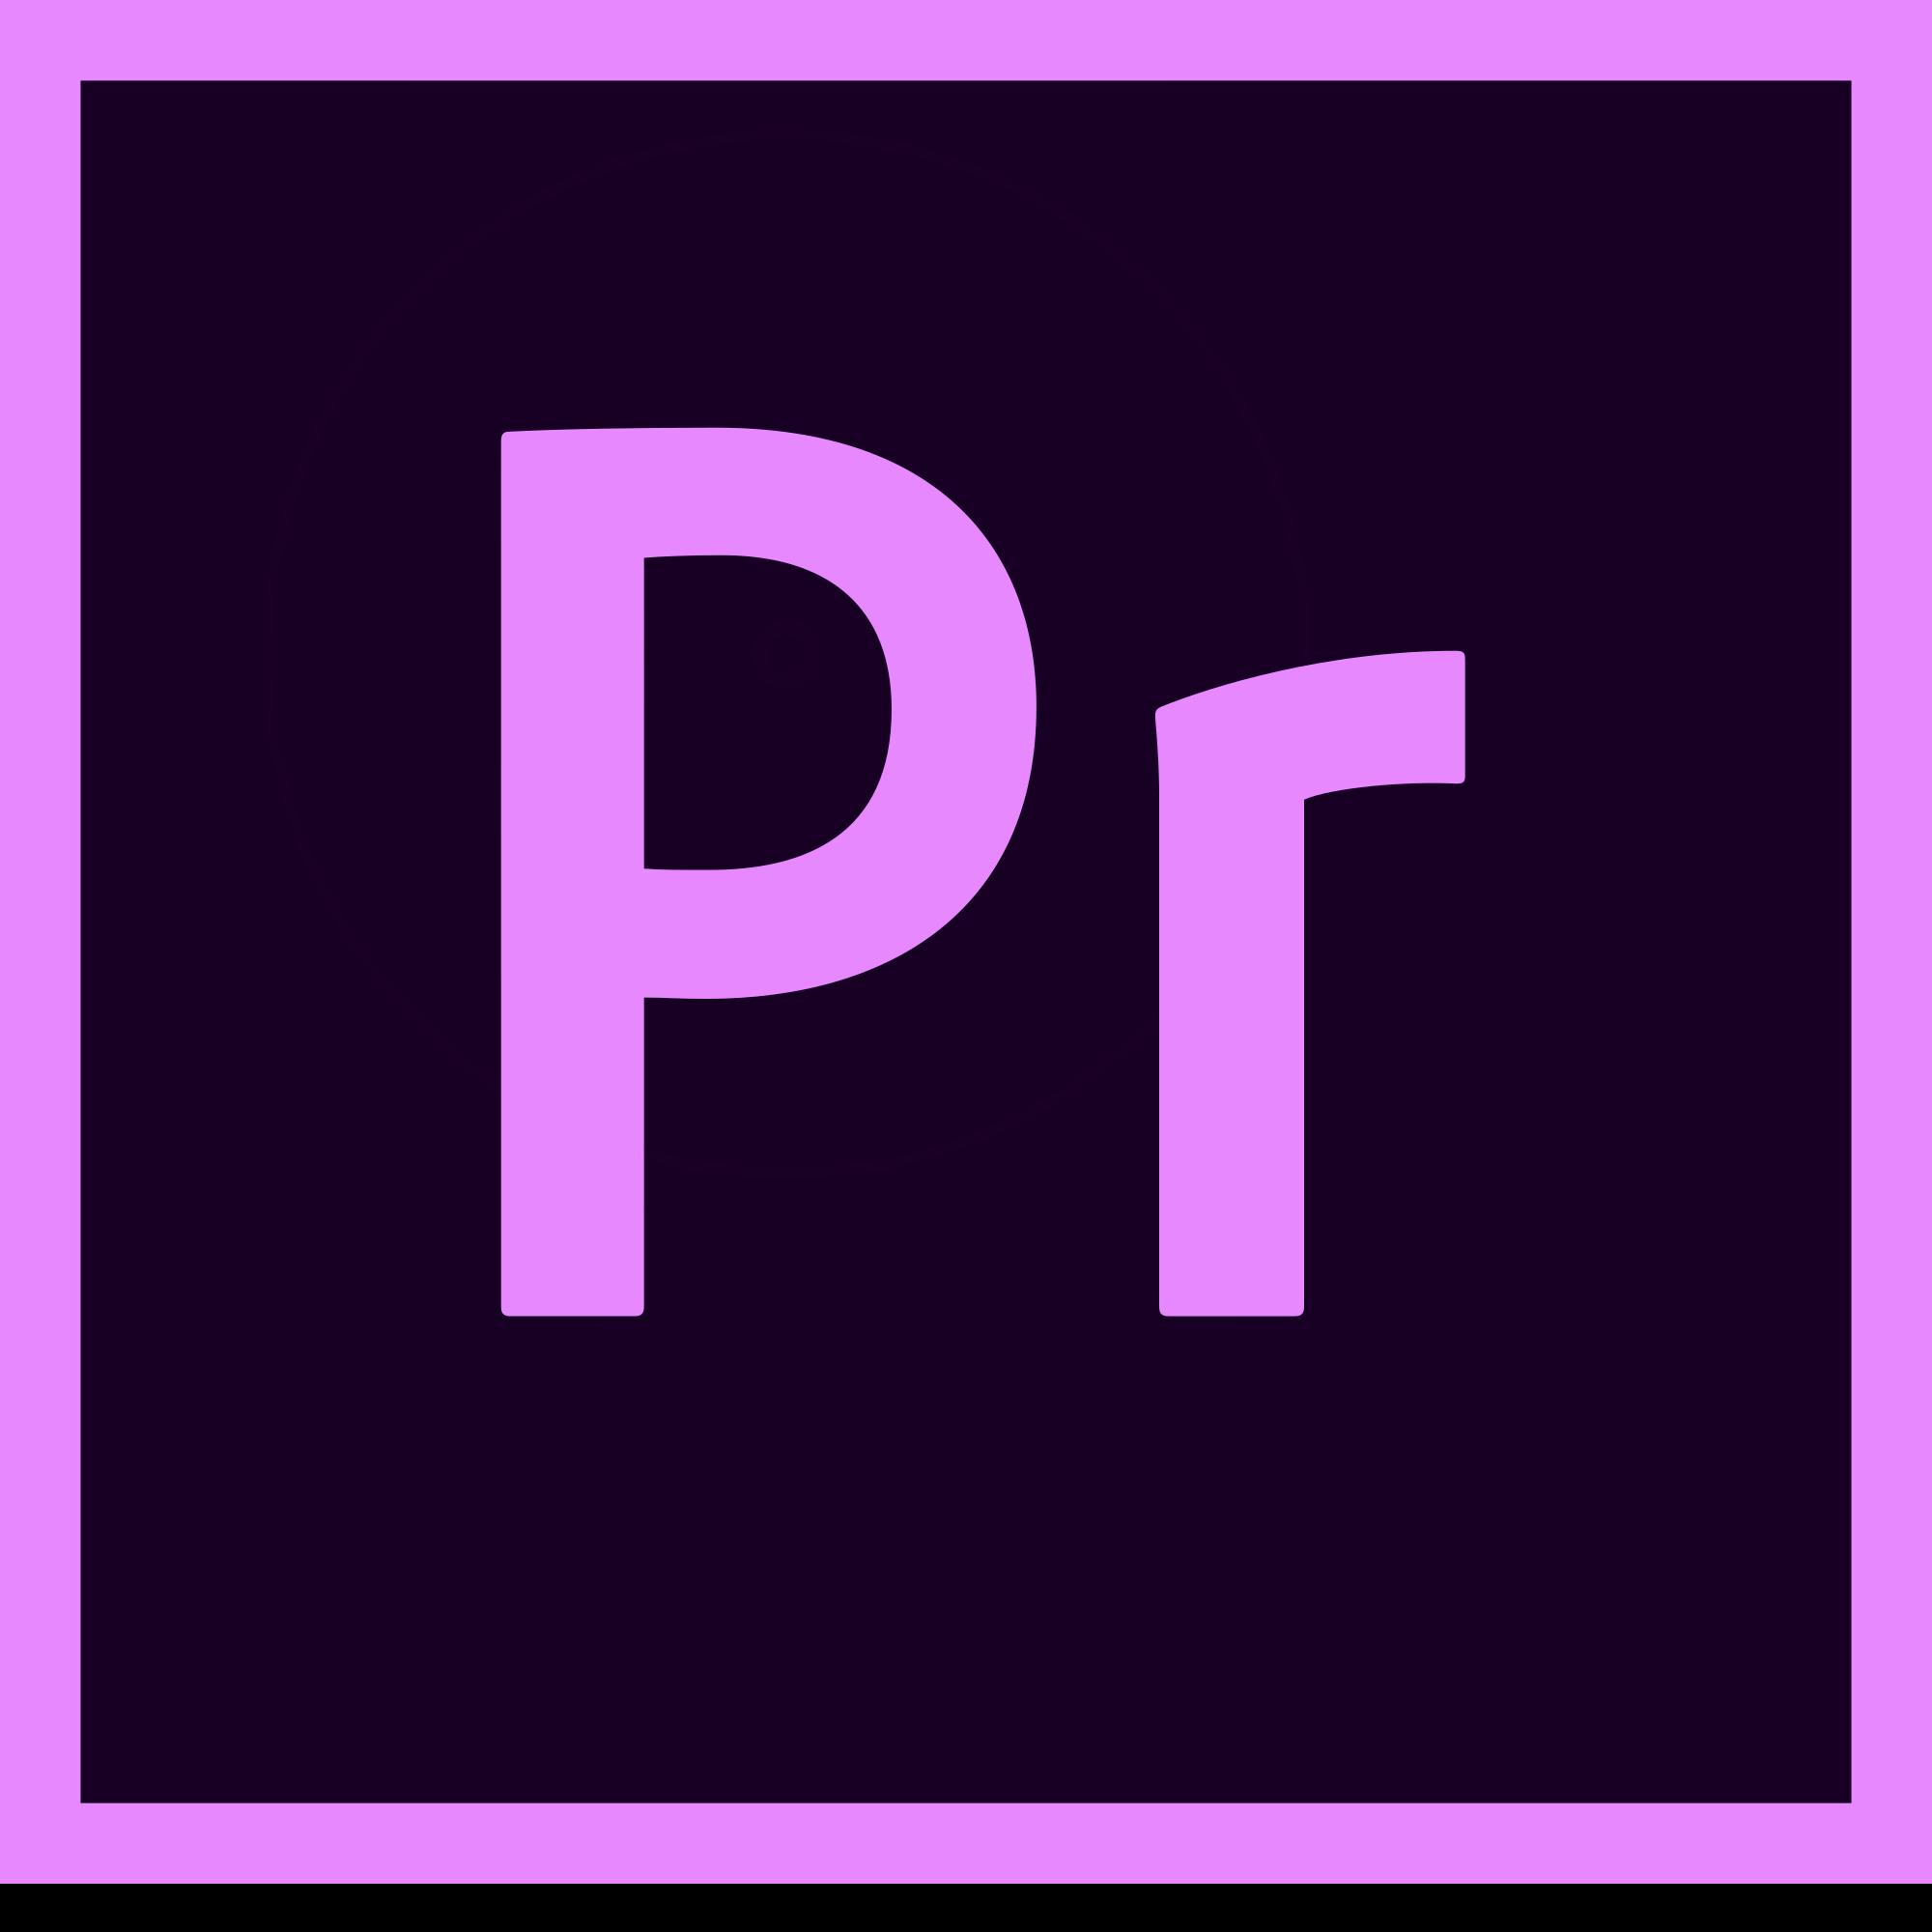 Premiere Pro Logo